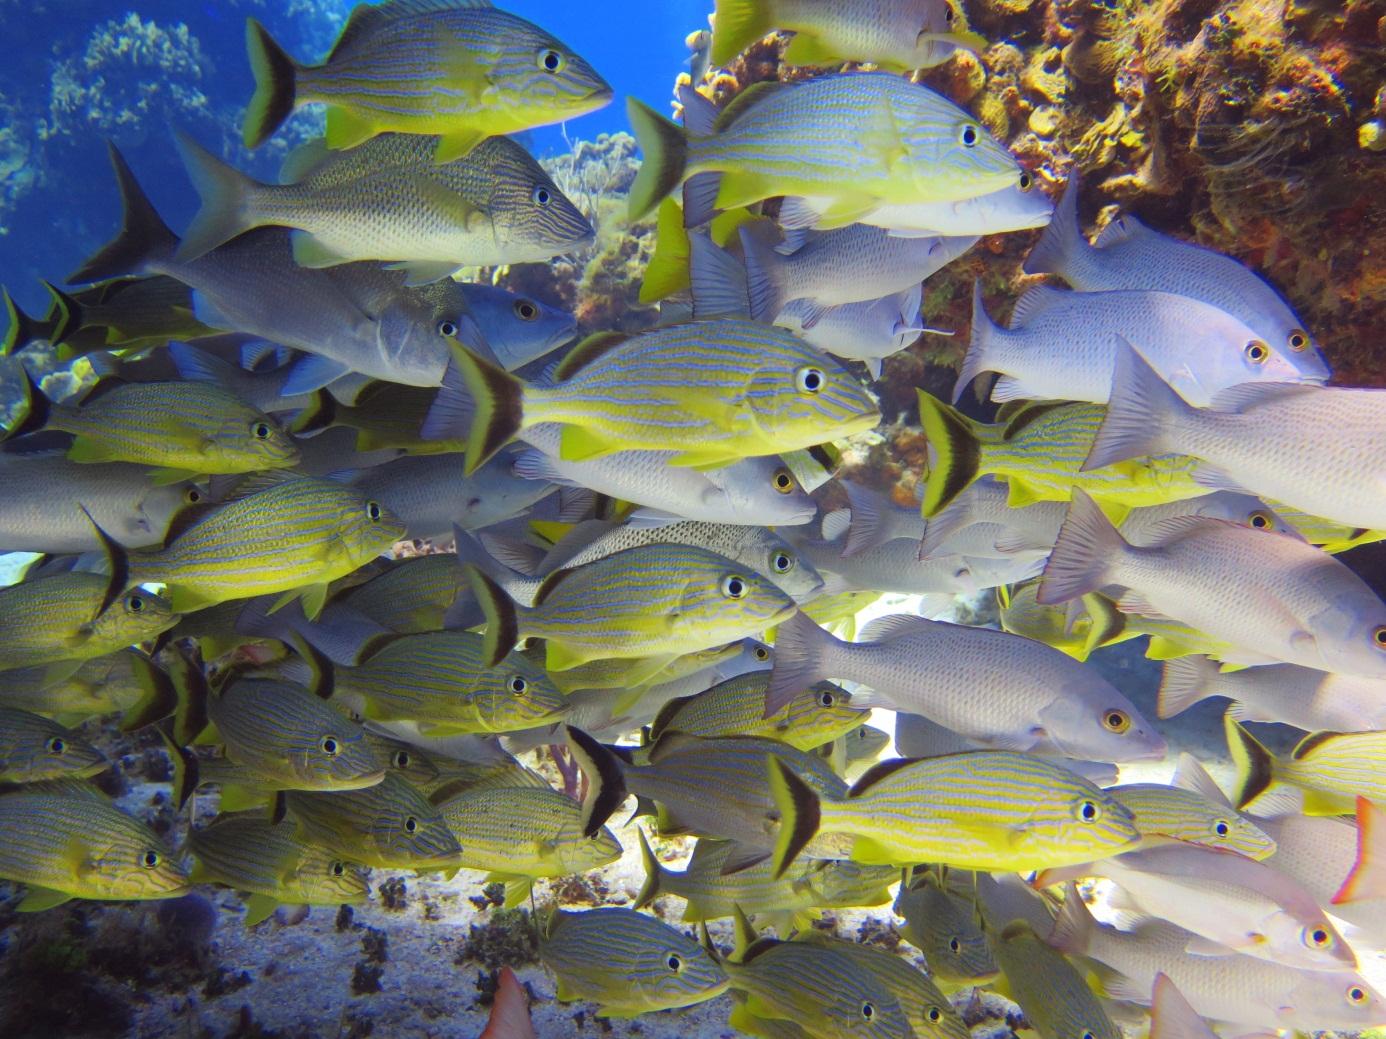 Die bunte Fischwelt beim Tauchen in MIttelamerika